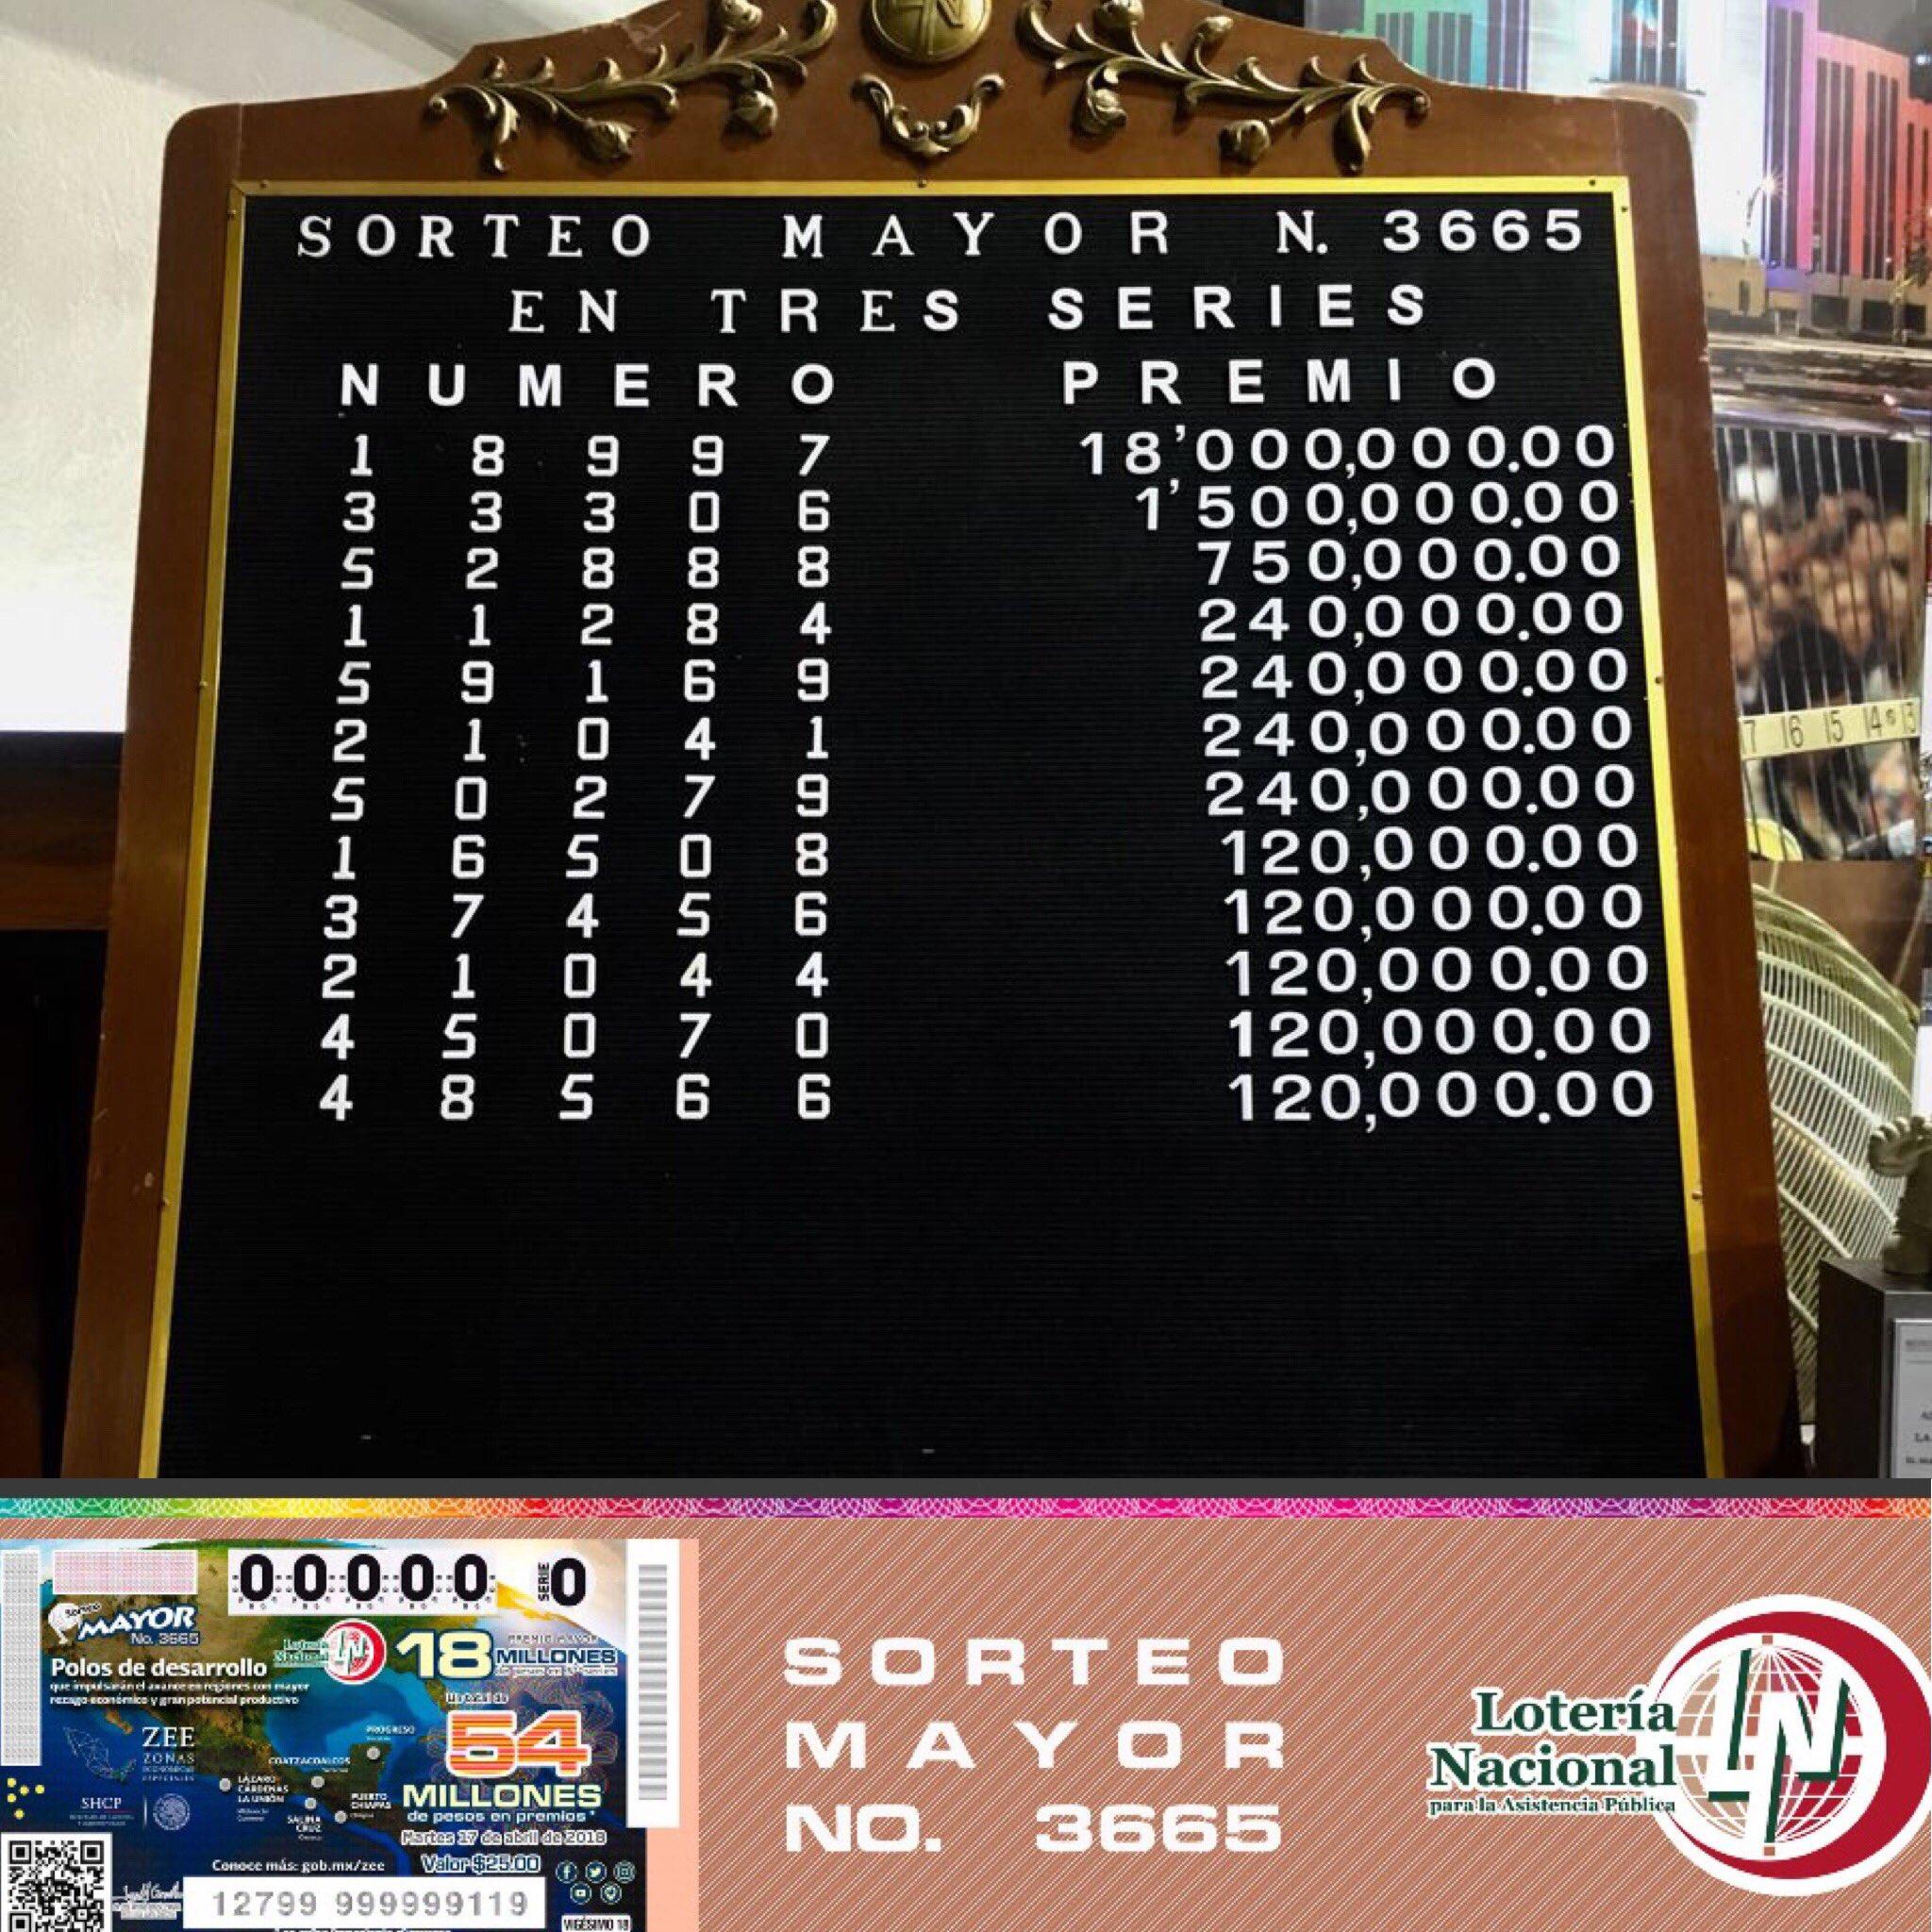 Resultados sorteo mayor 3665